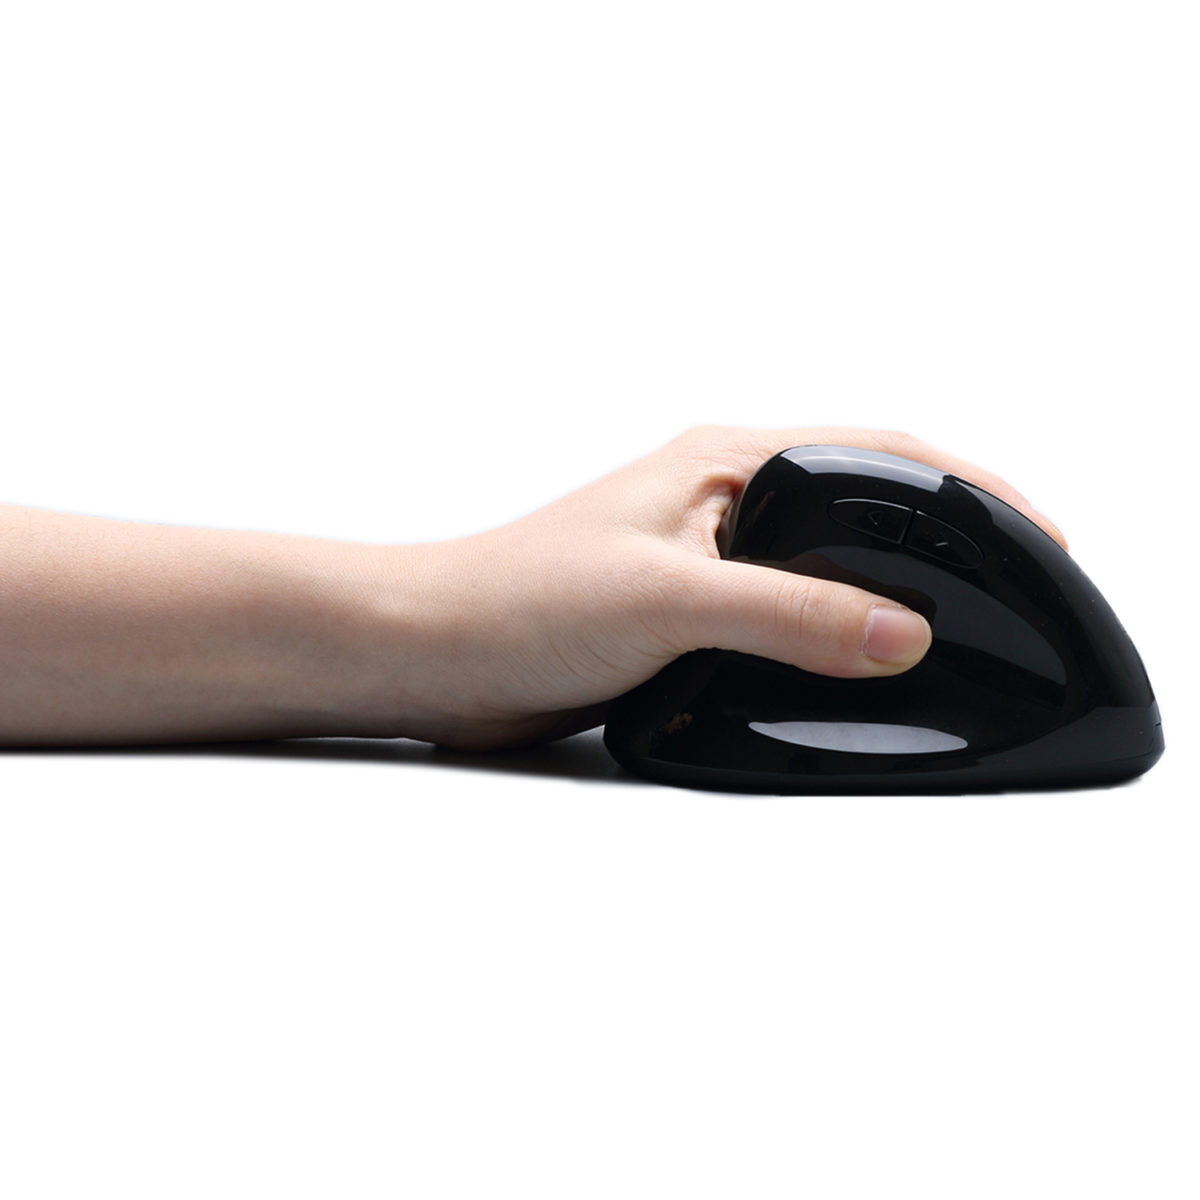 2,4 GHz draadloze verticale linkshandige programmeerbare muis